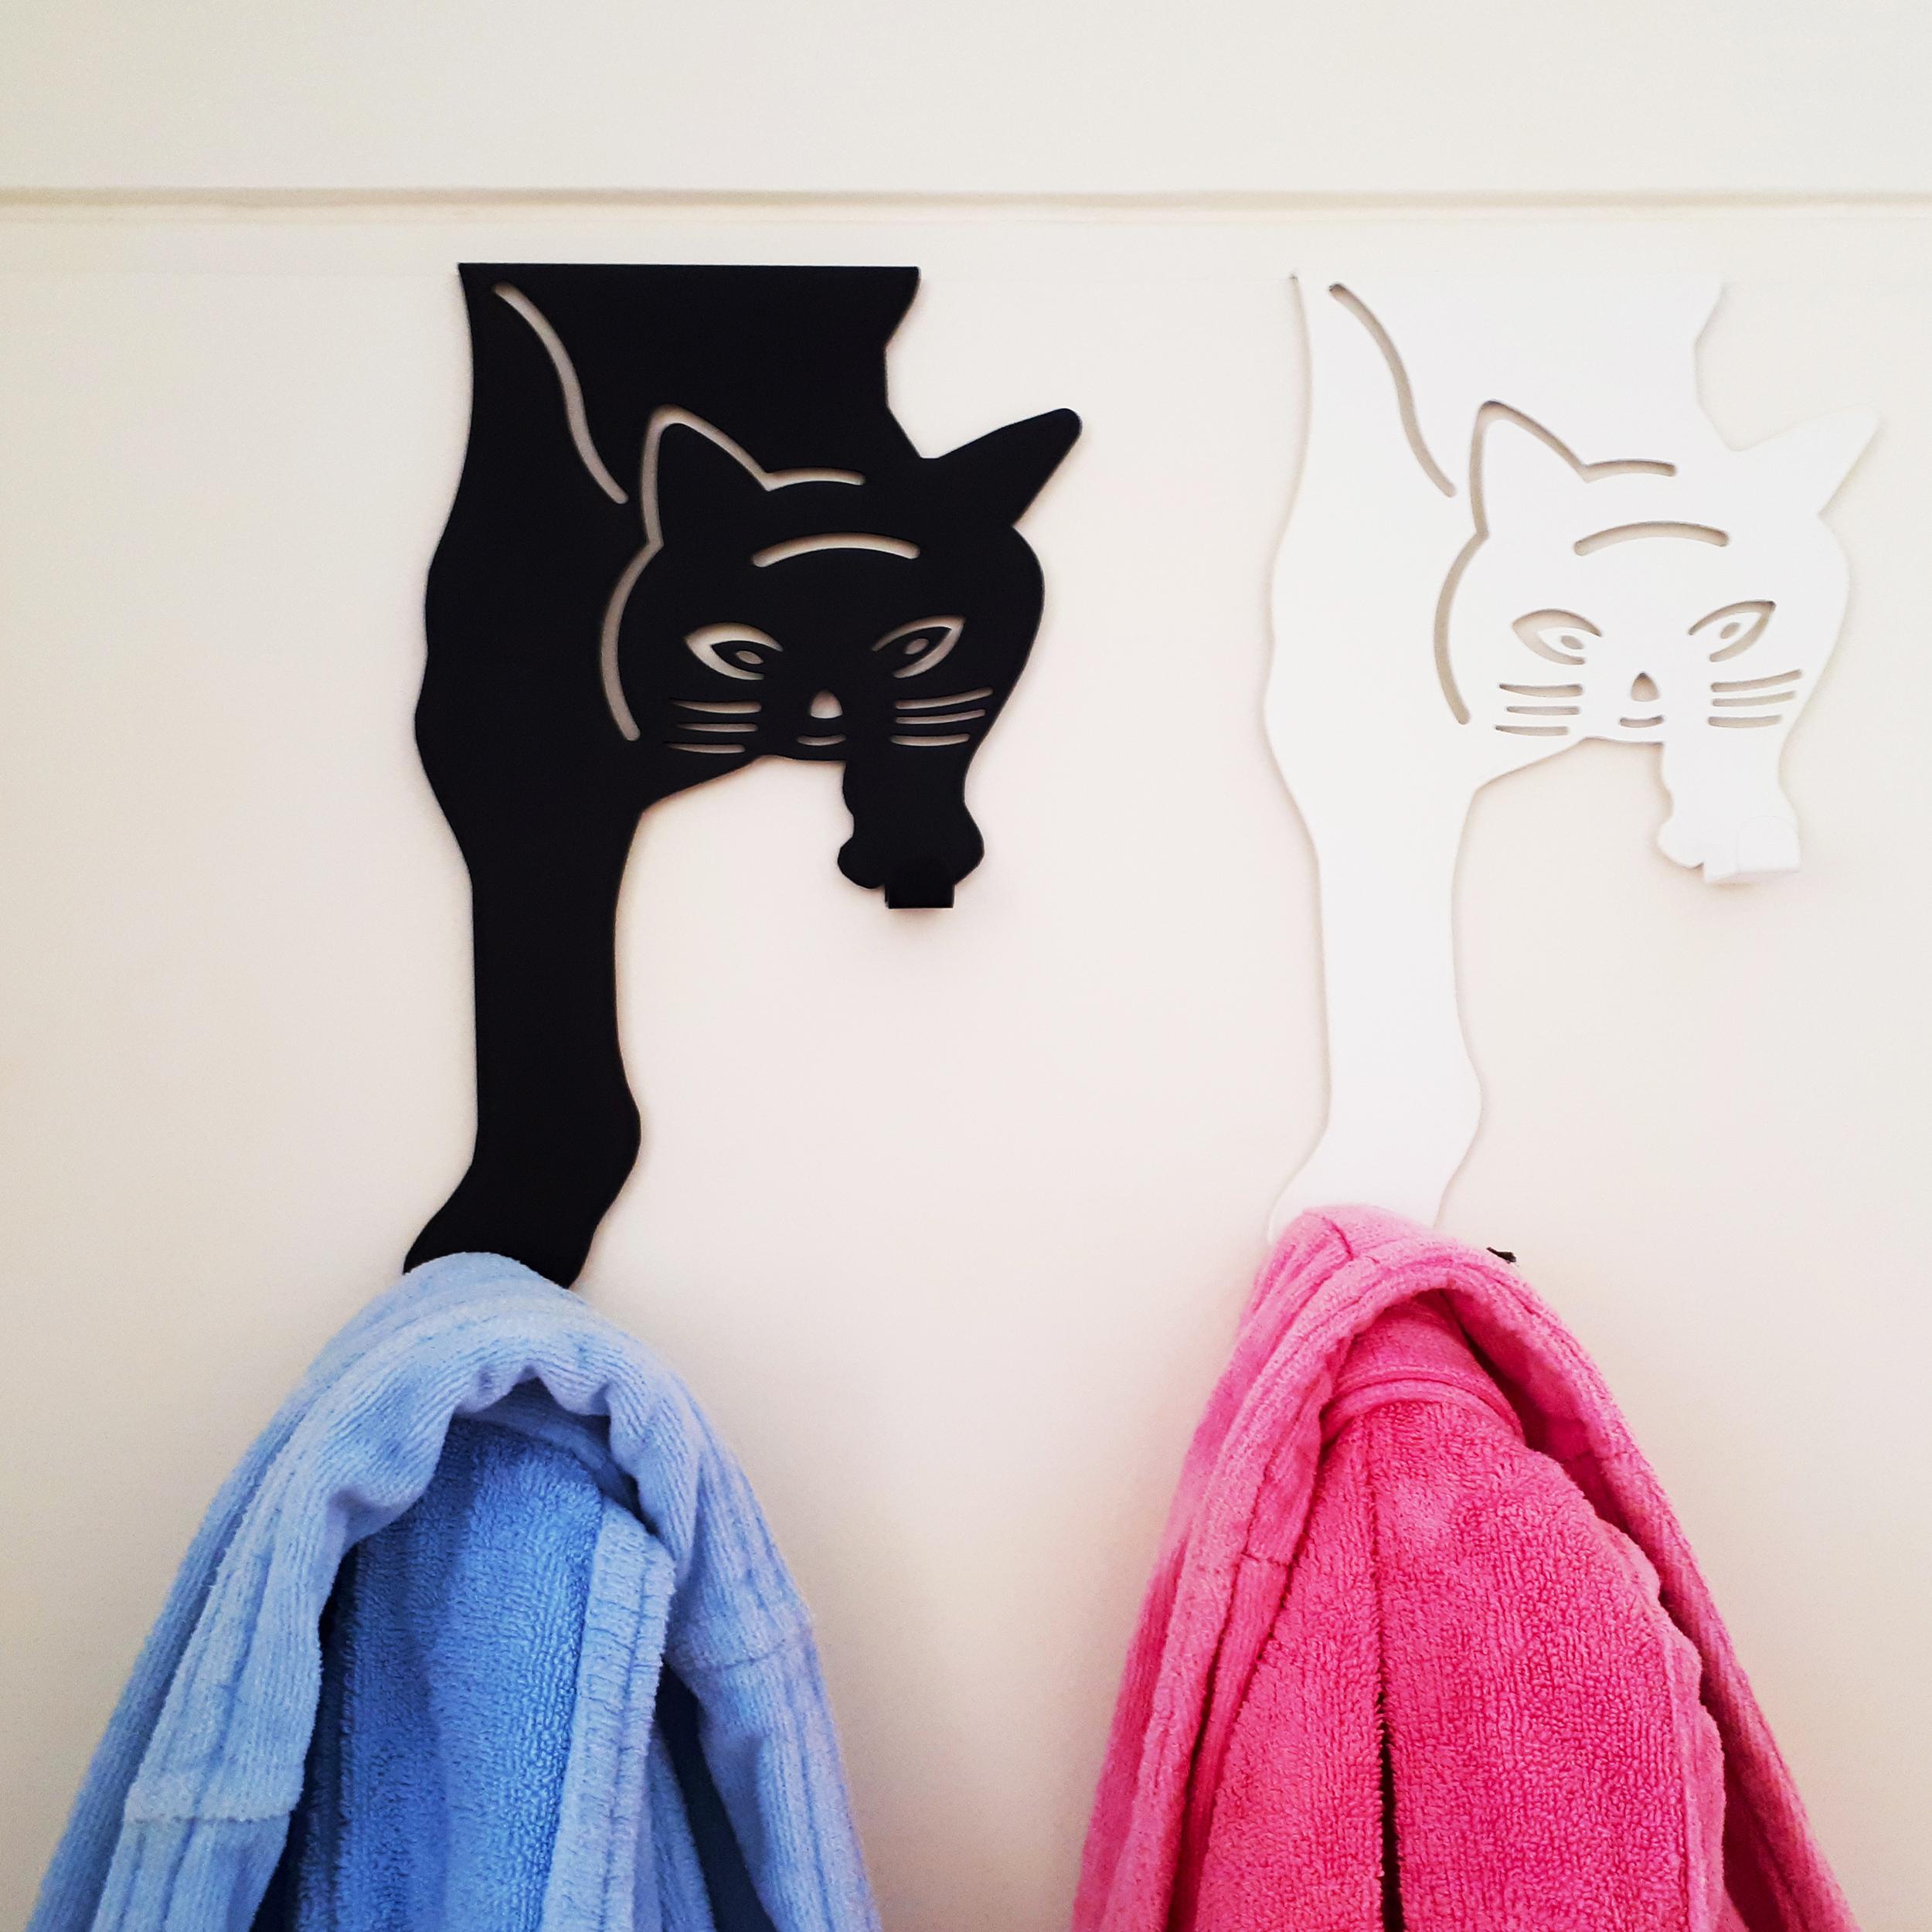 قیمت                      آویز لباس گرته مدل گربه